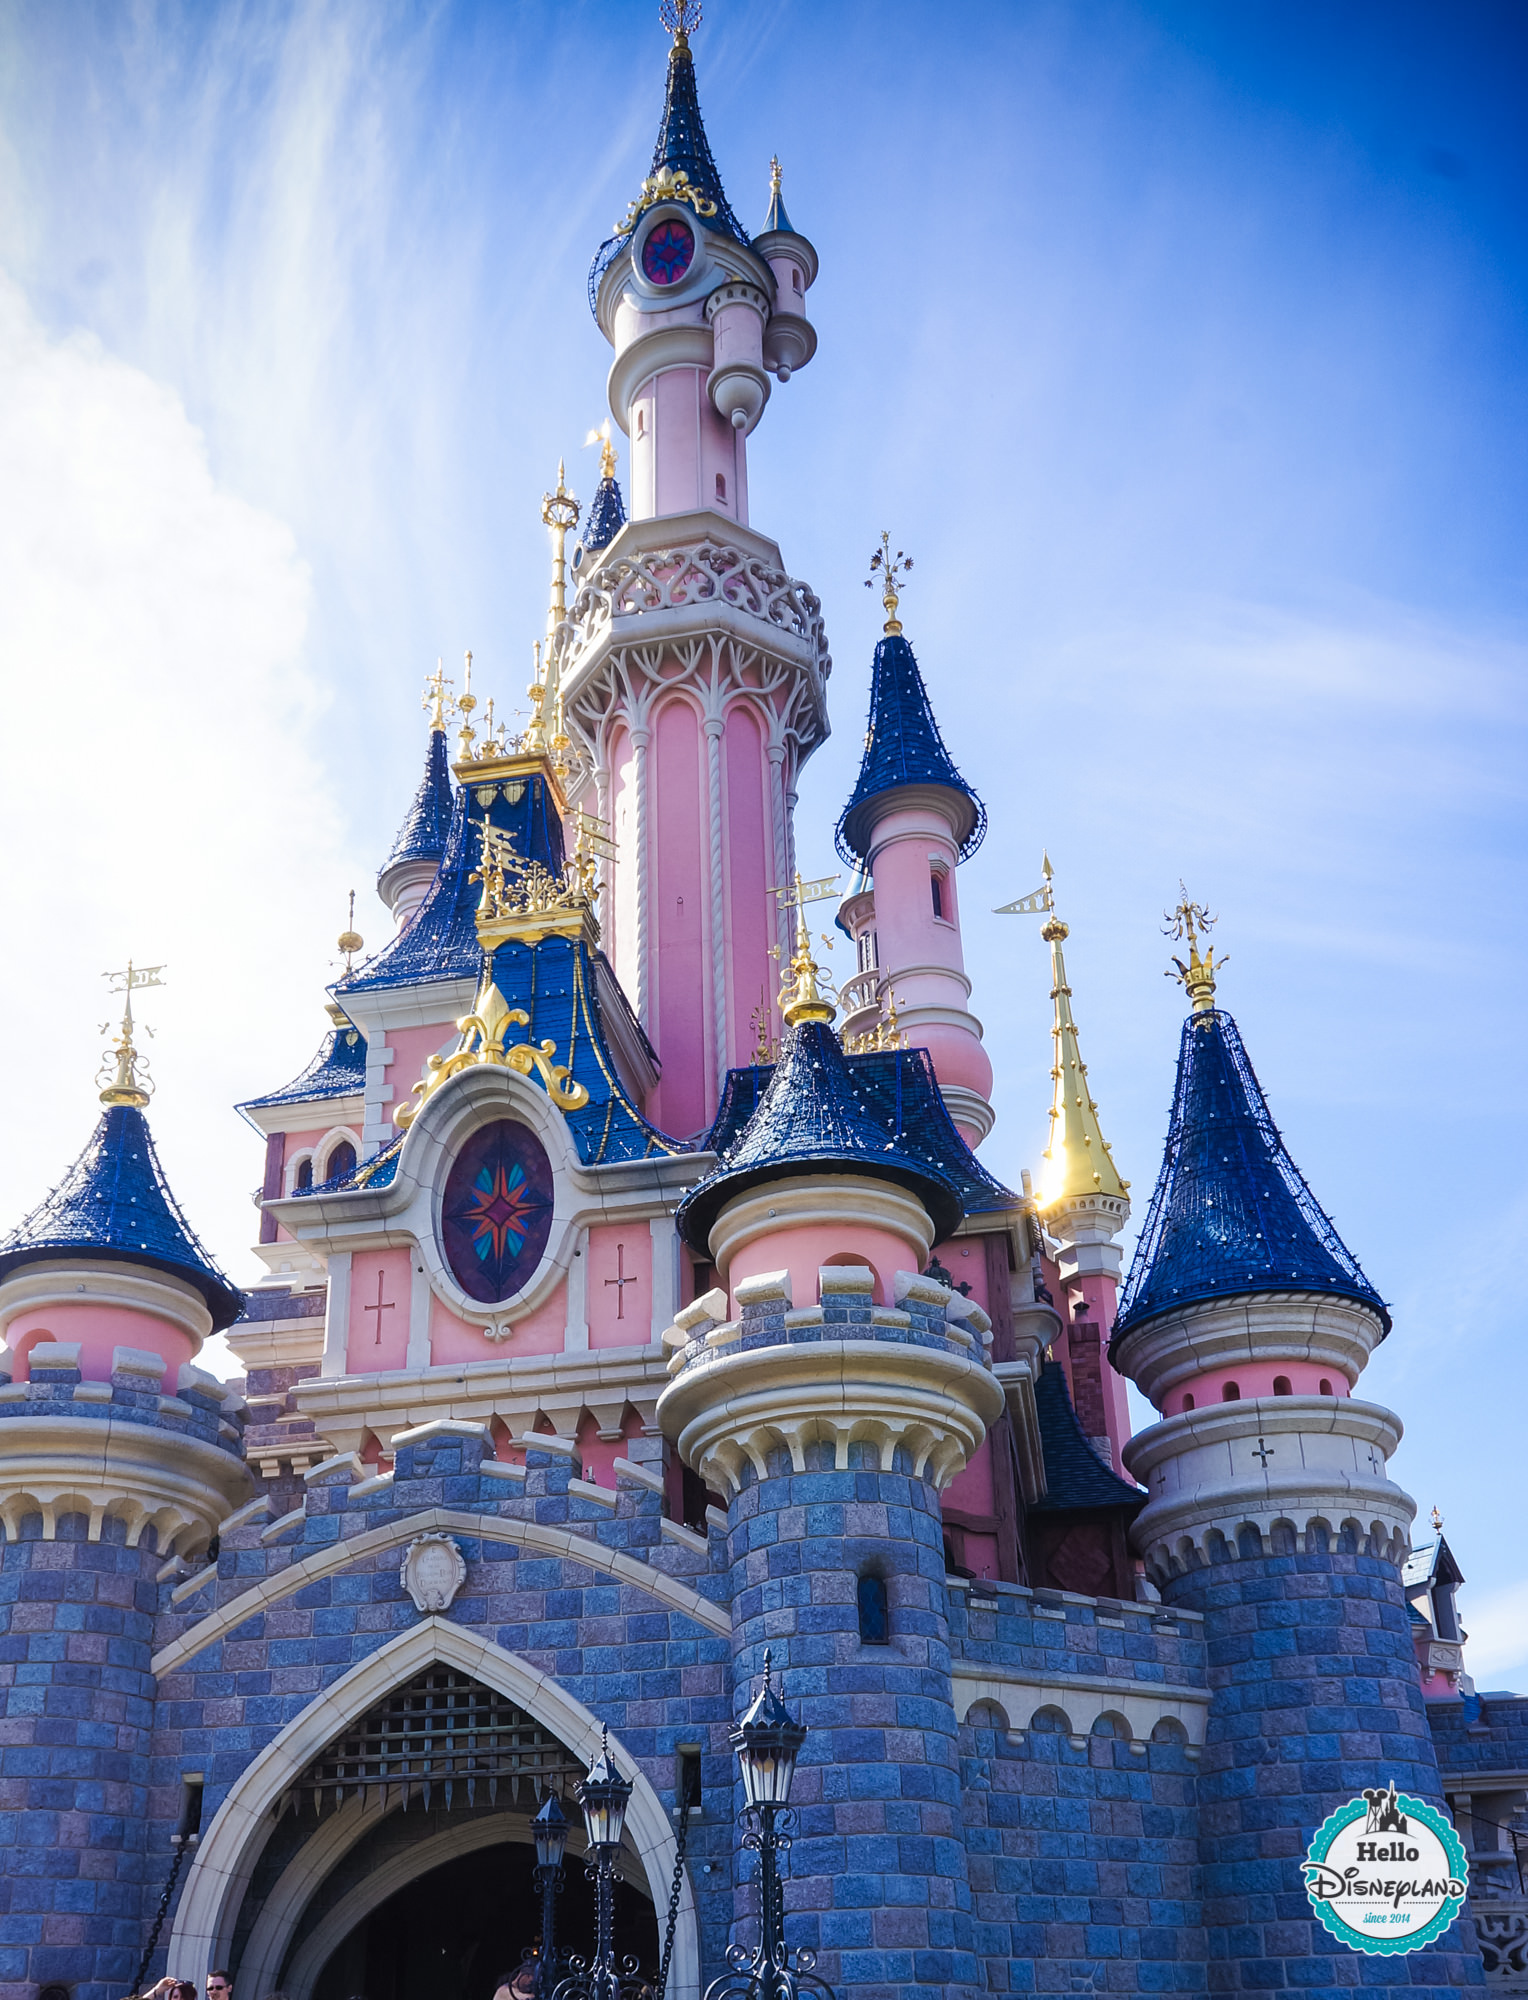 Disney chateau de la belle au bois dormant